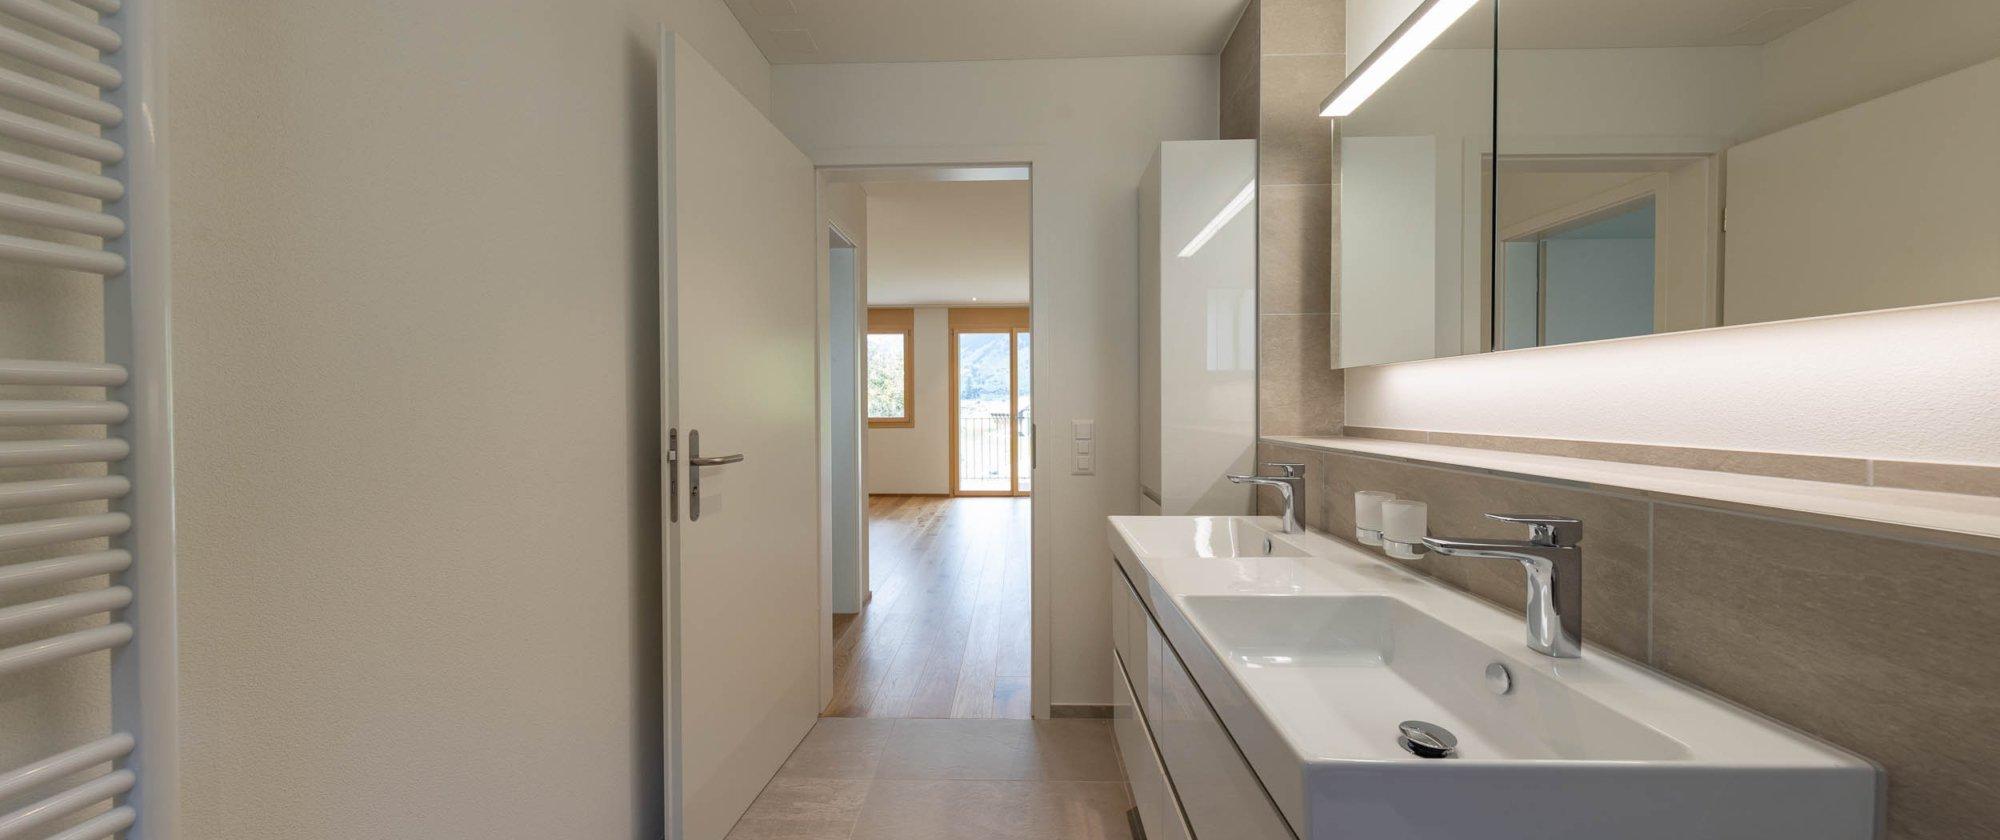 grosszügiges Bad mit viel Stauraum in der 5-Zimmerwohnung